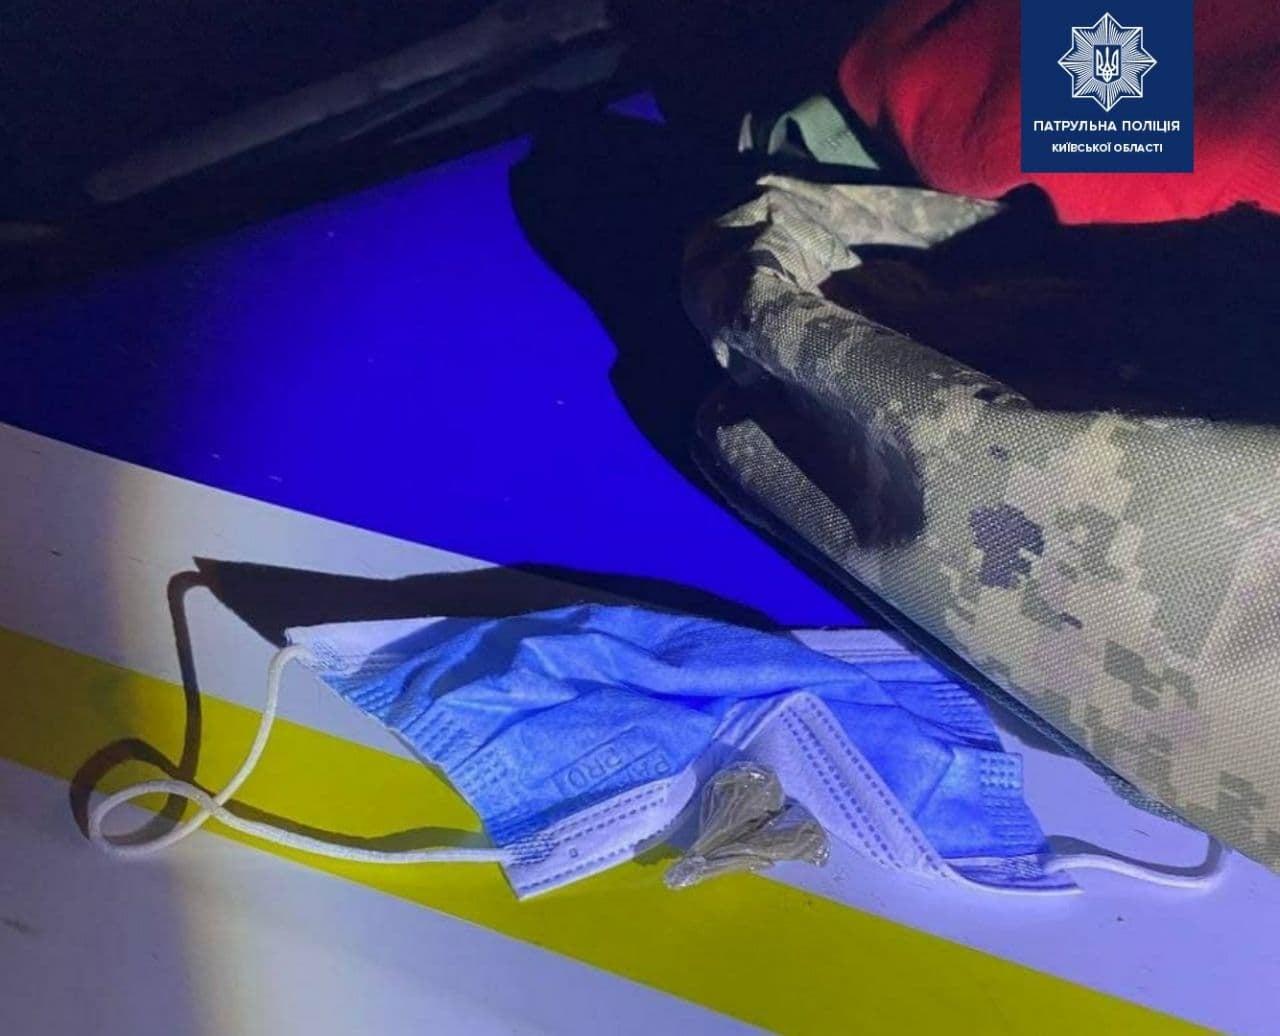 У Борисполі водій зізнався поліцейським, що має наркотики - Поліція, наркотики - 142998923 2001789939994589 7380820163432489844 o